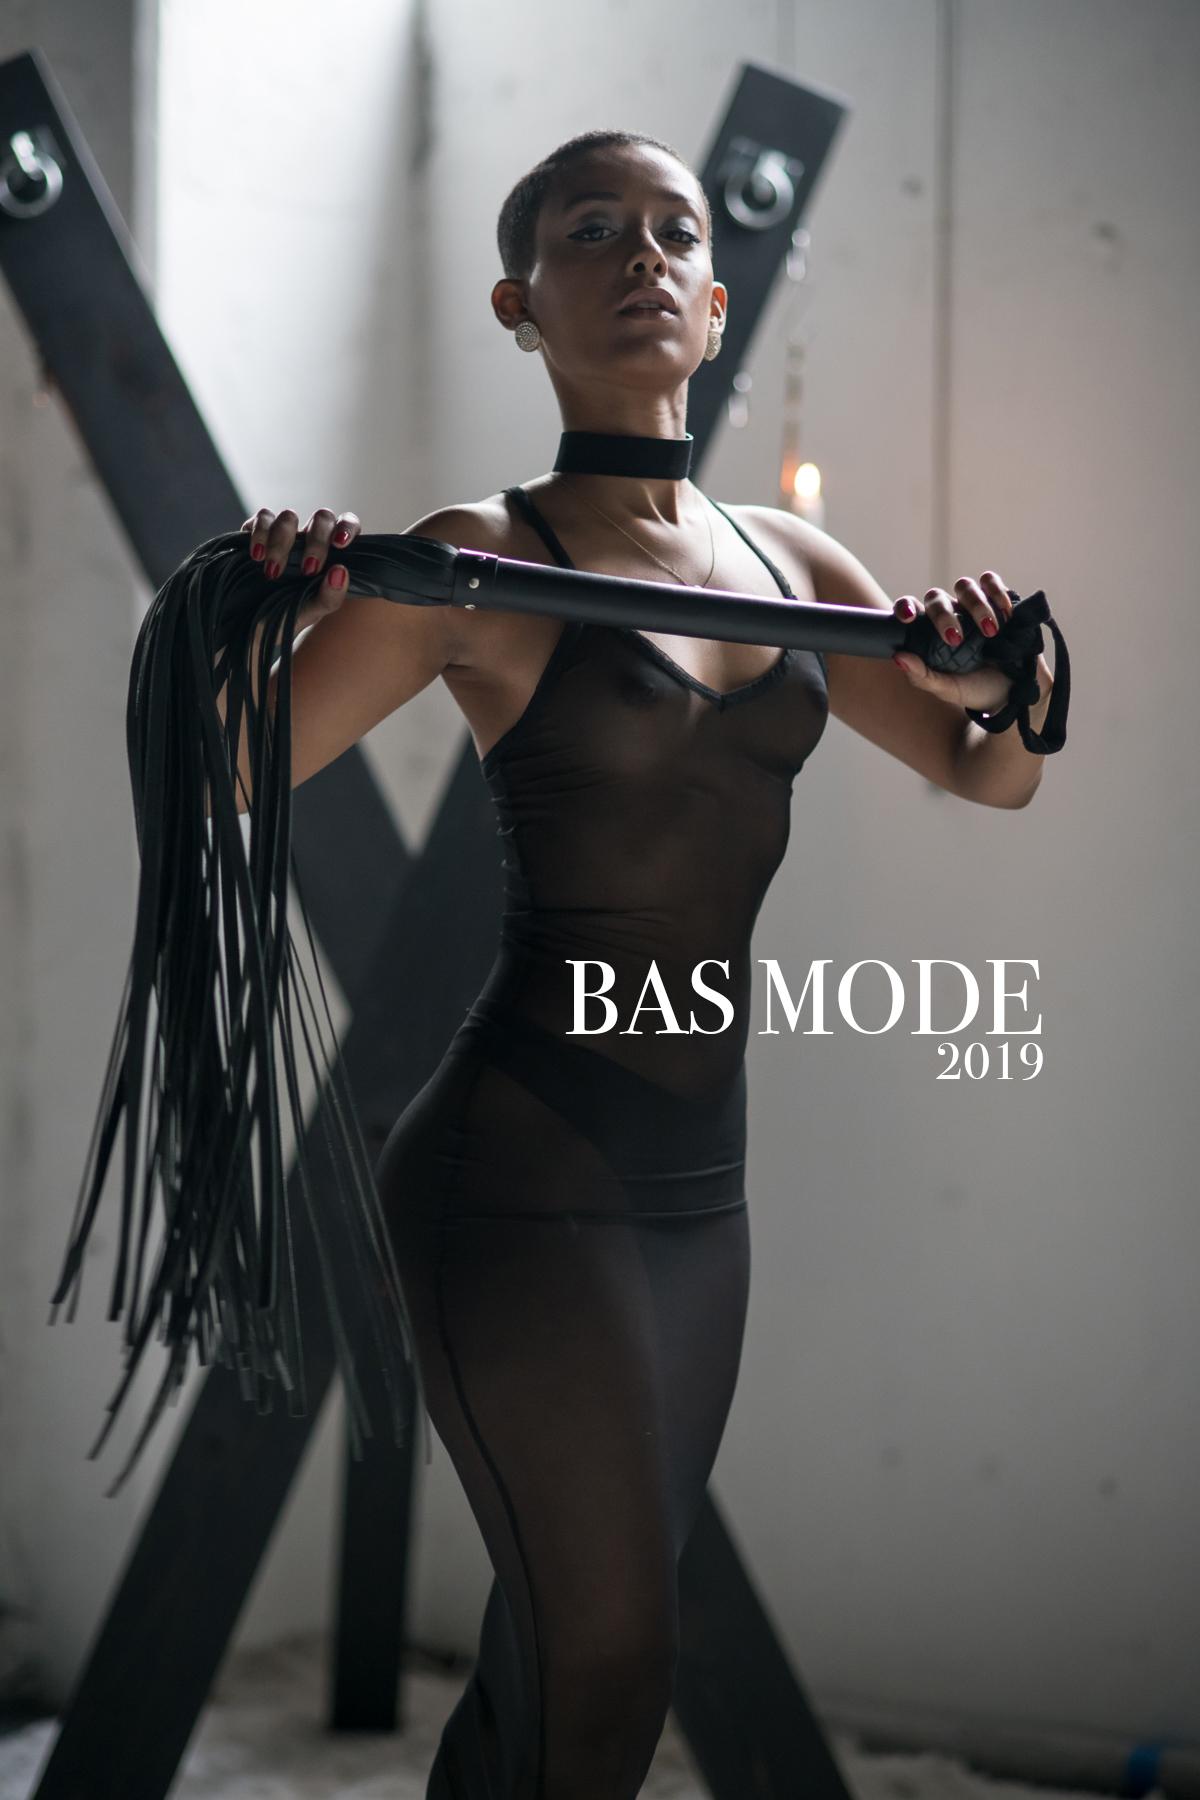 BasMode-6sm_Title.jpg